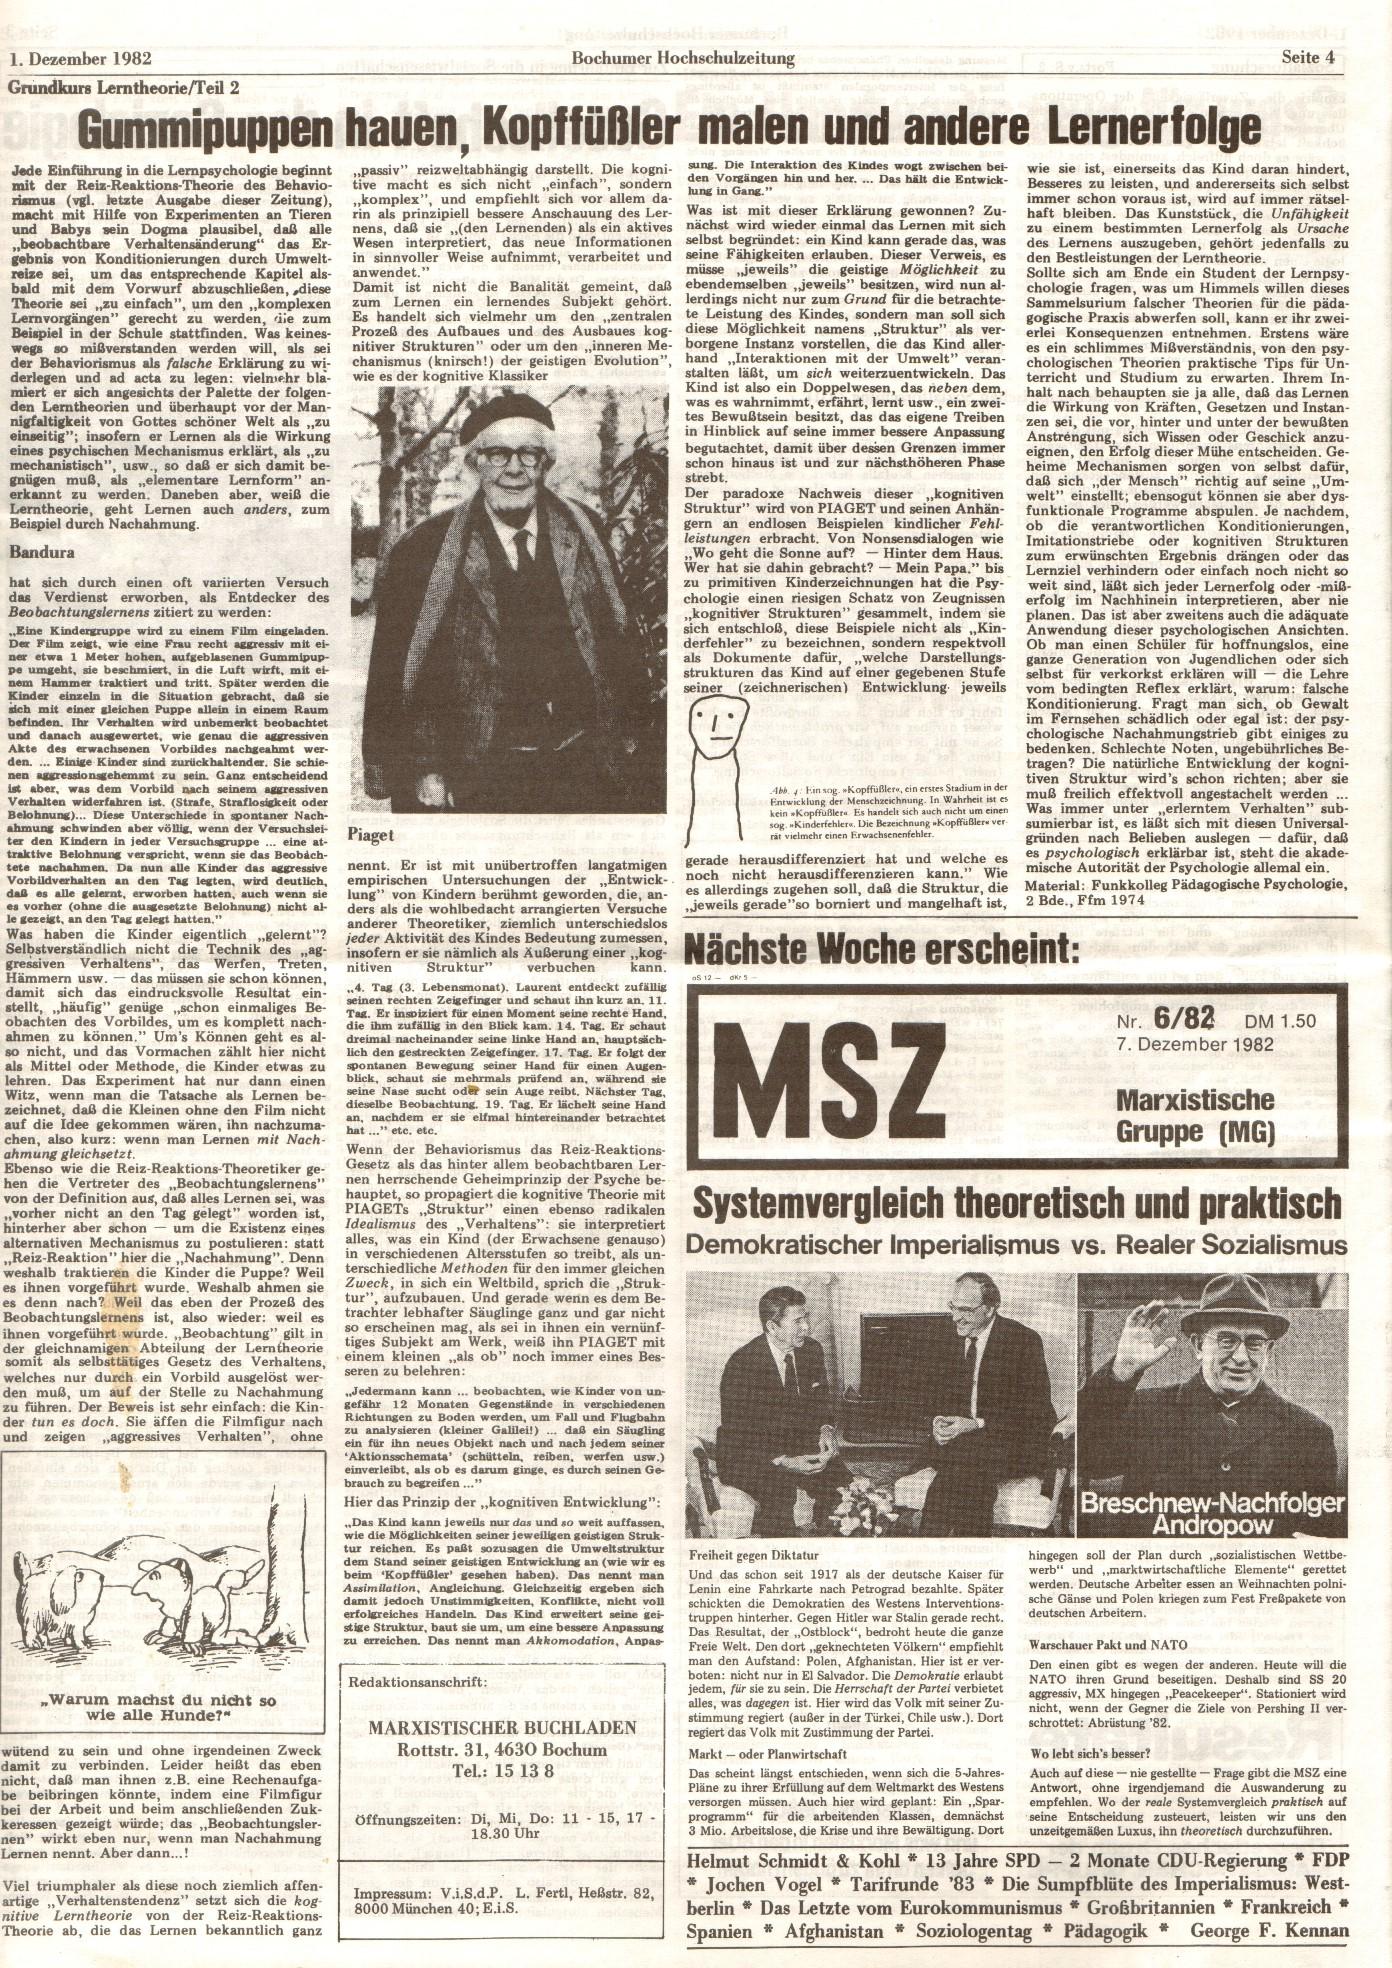 MG_Bochumer_Hochschulzeitung_19821201_04